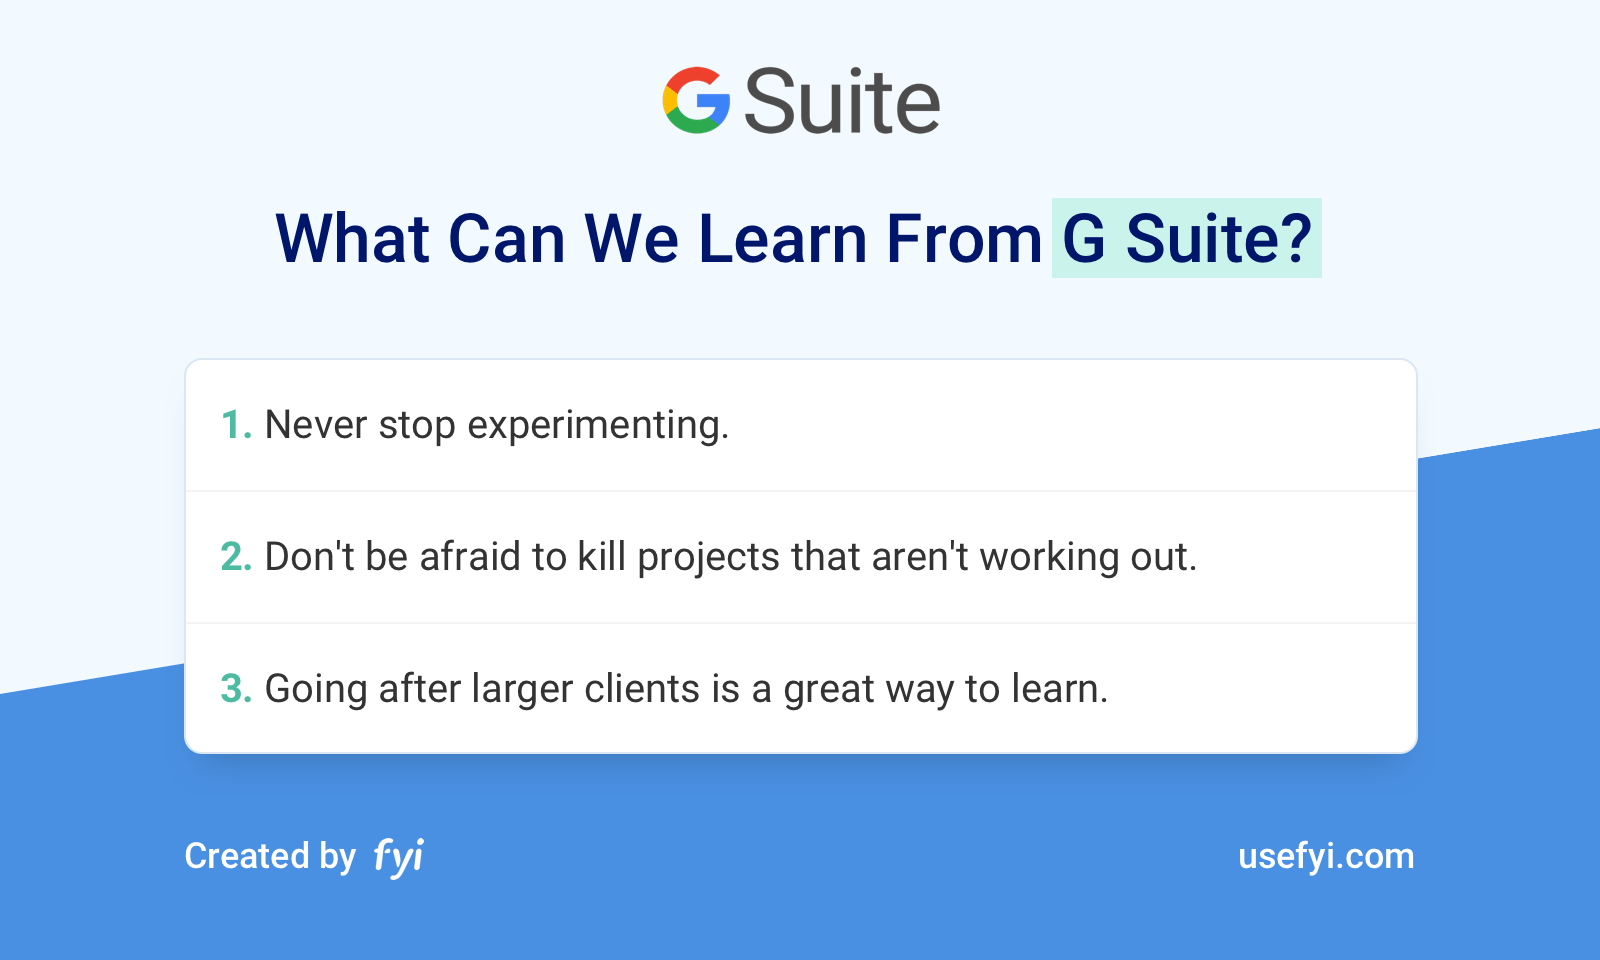 G Suite lessons